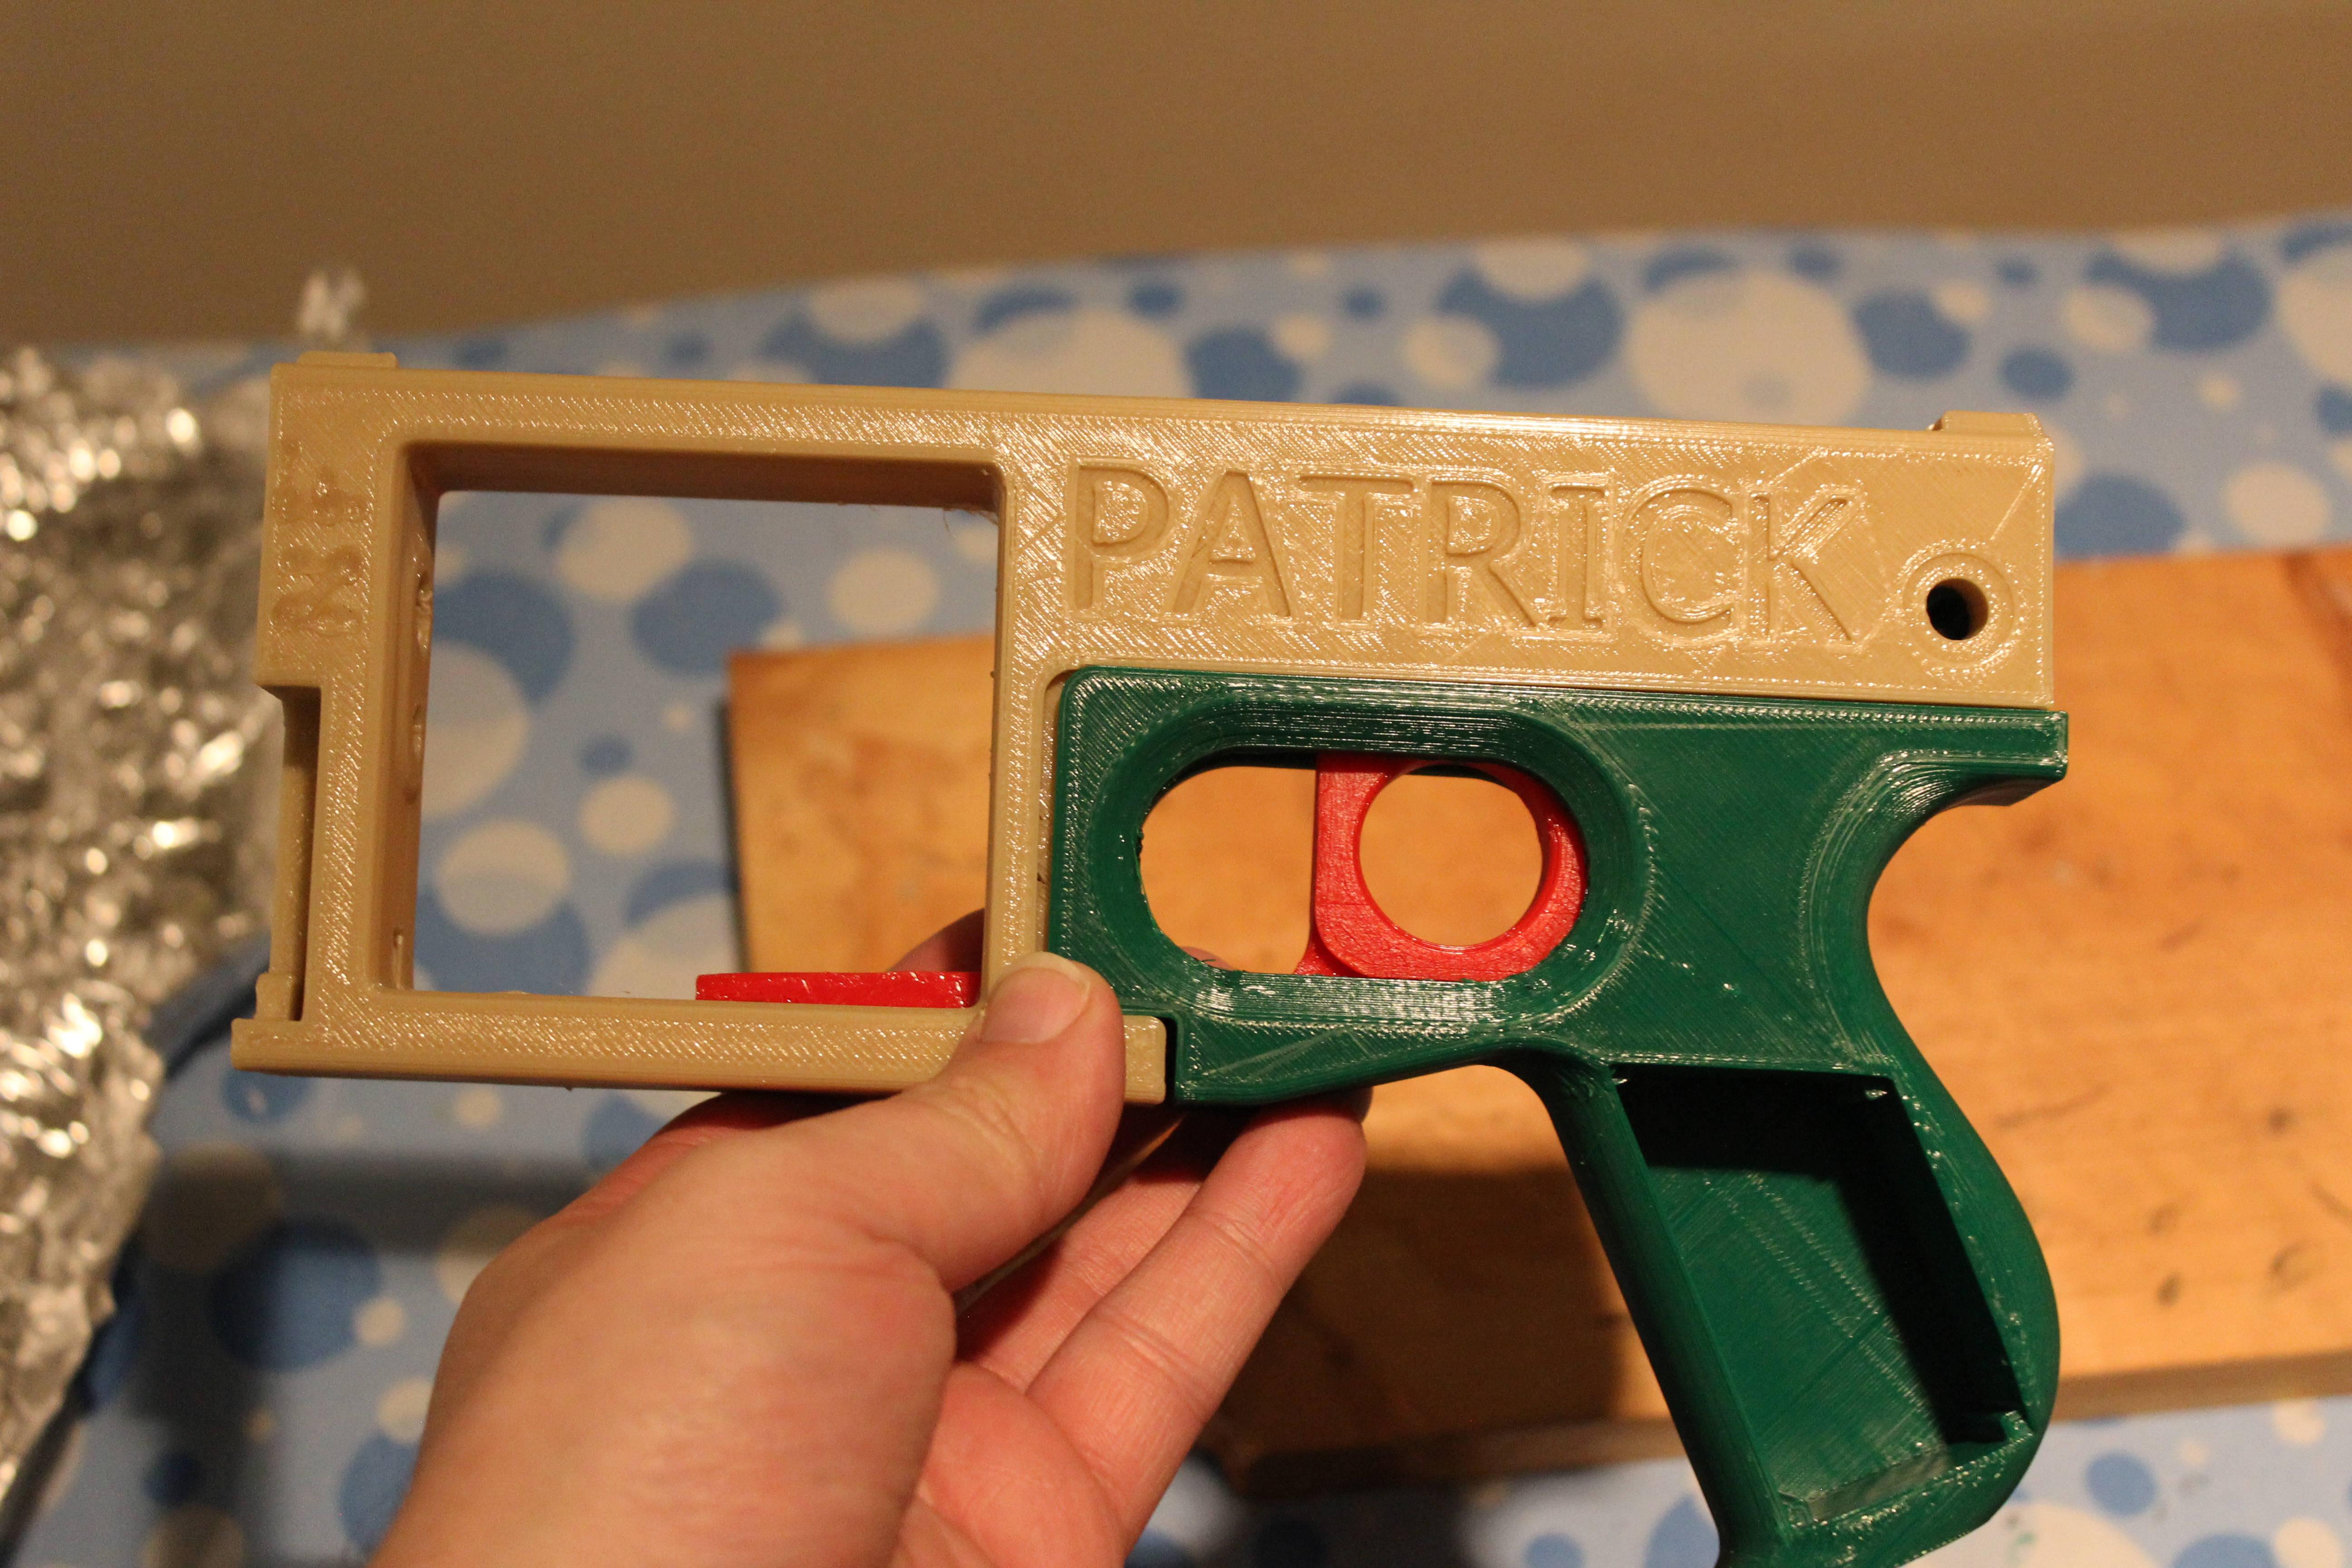 washbear 3D gun